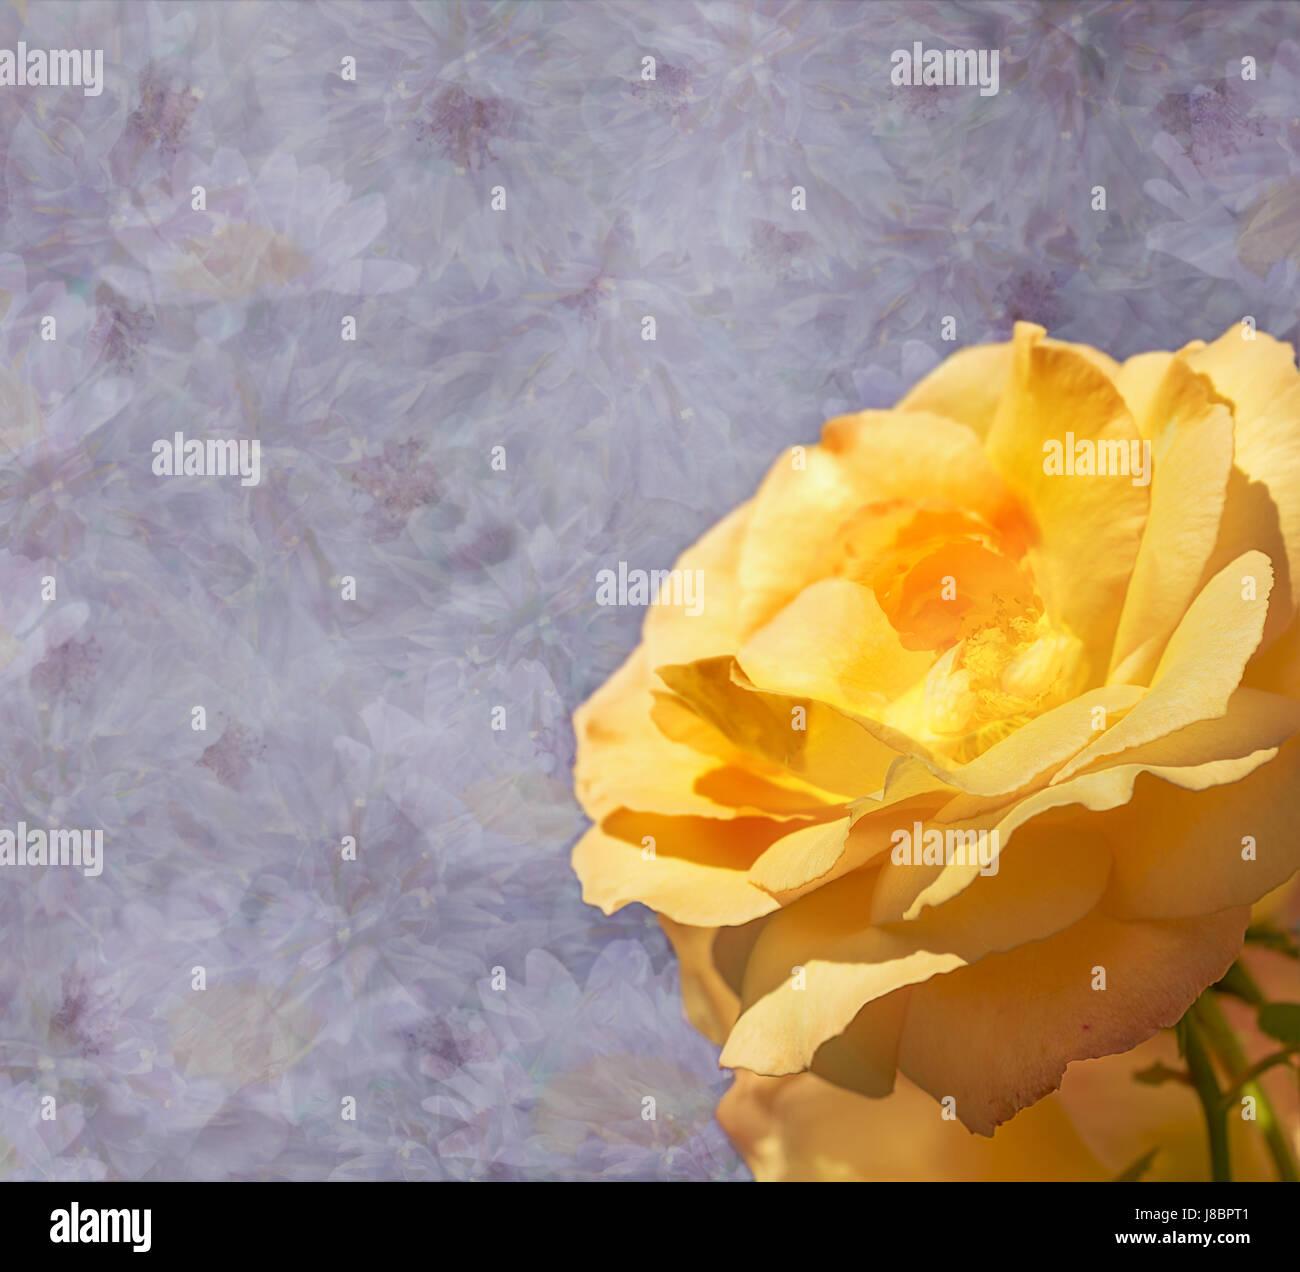 Violeta, lila simpatía florales condolencias tarjeta con fondo rosa amarilla flor Imagen De Stock